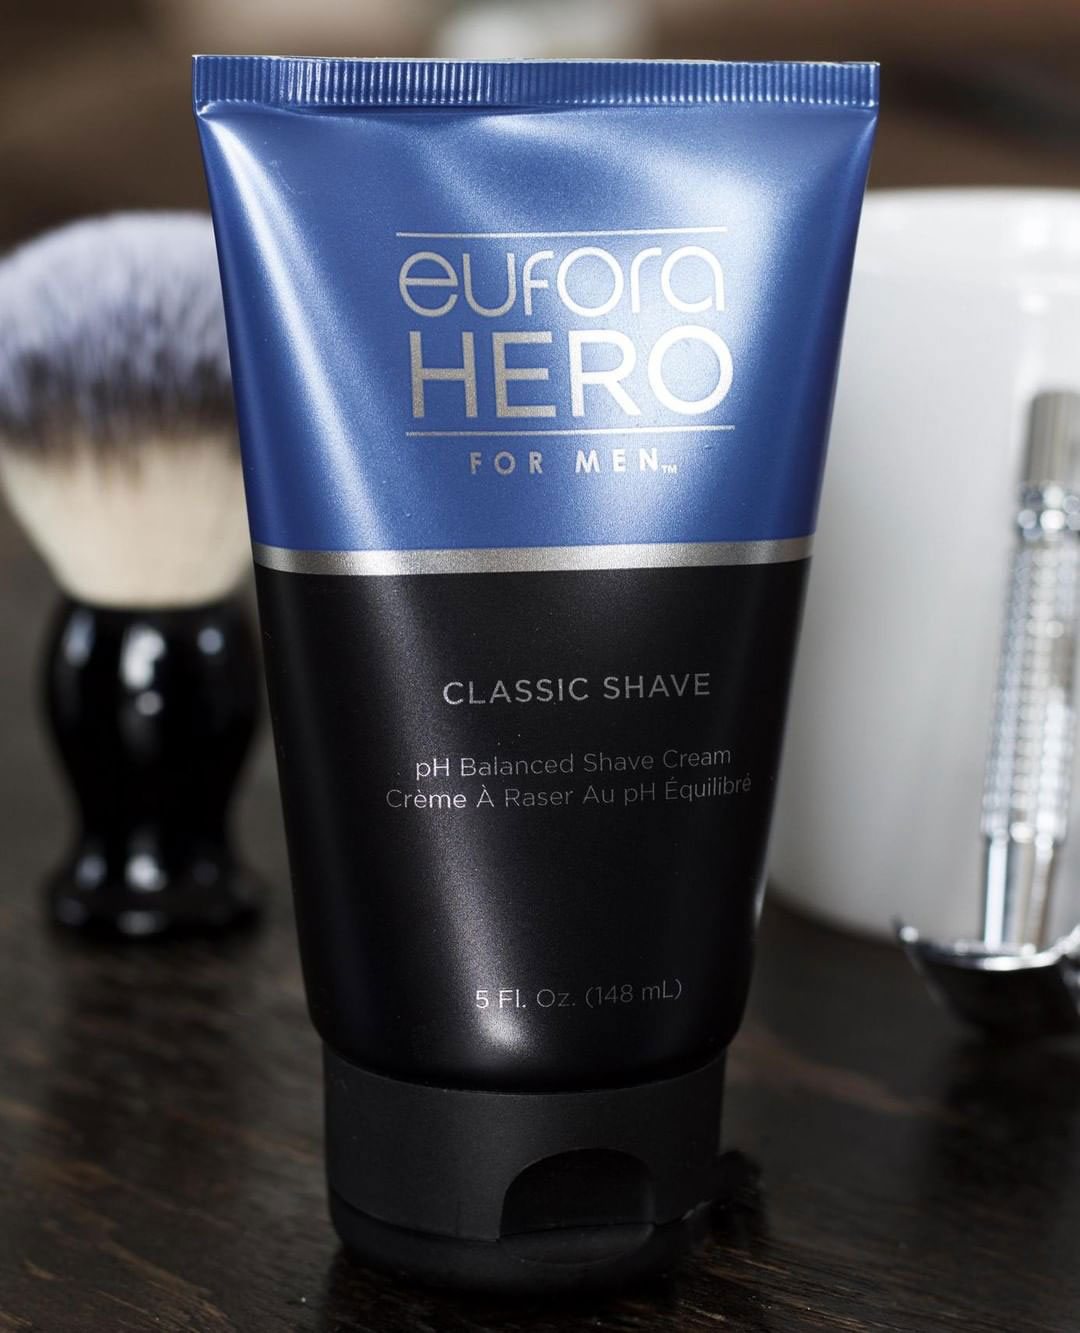 eufora-hero-classic-shave-2